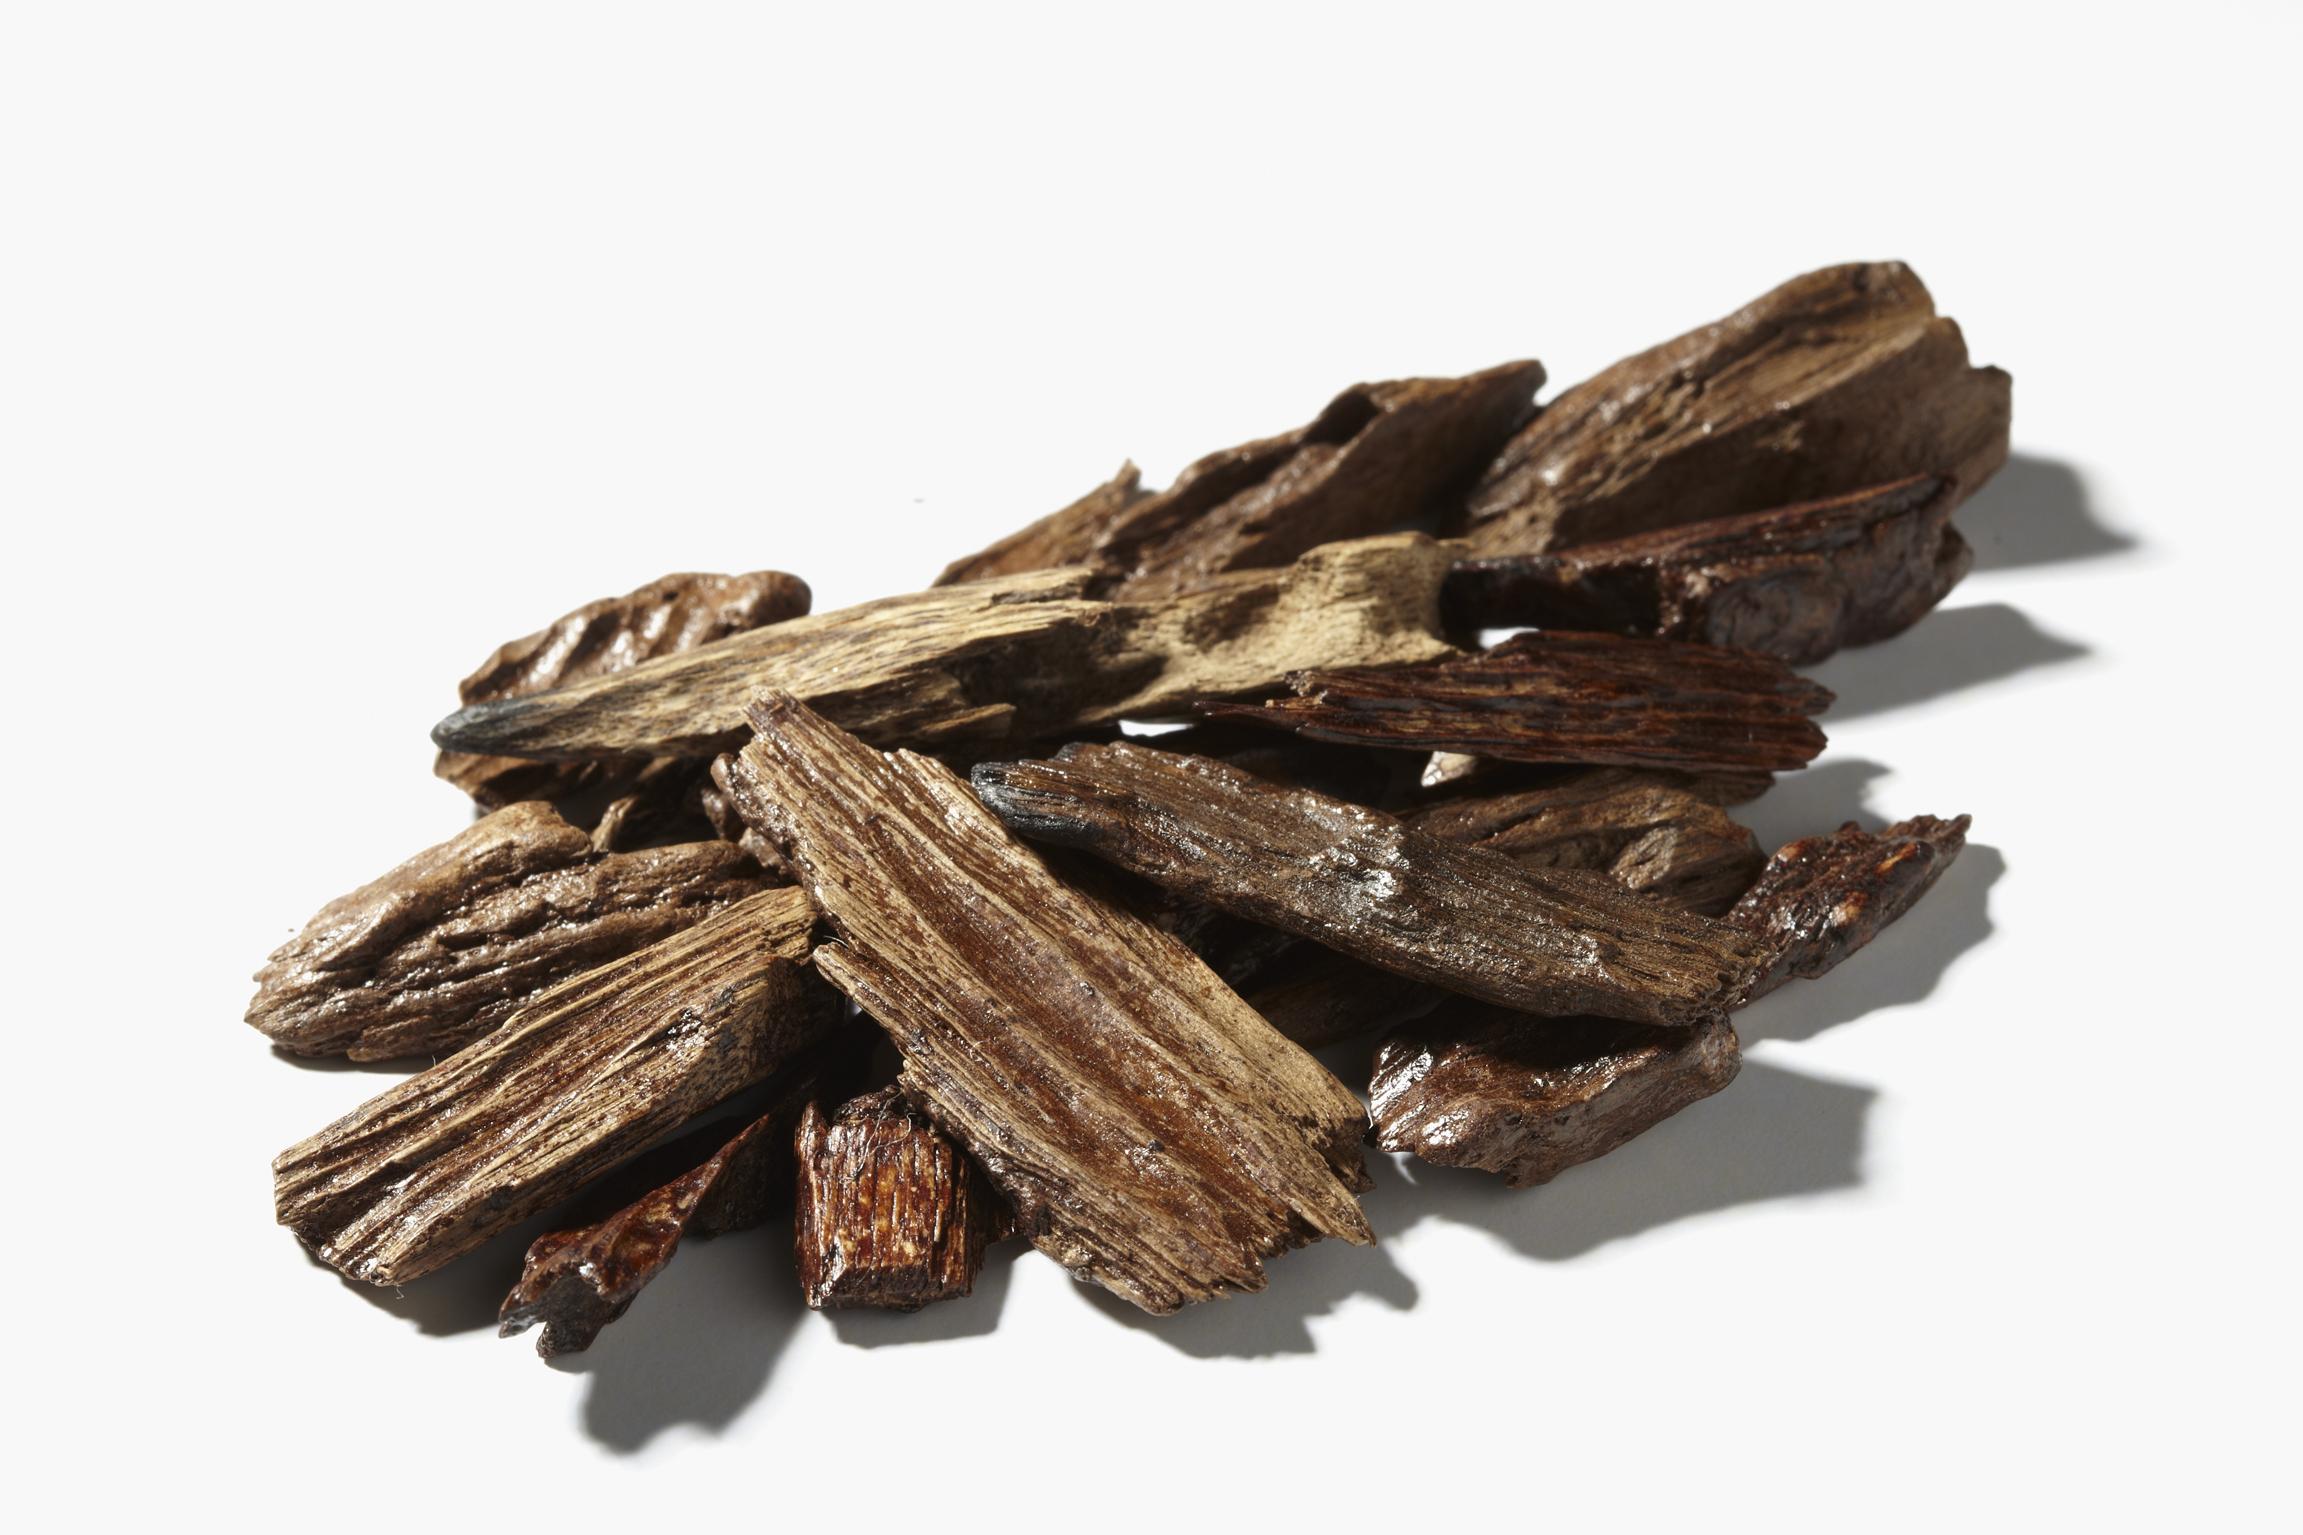 fragrance-du-bois-aquilaria-wood-chips